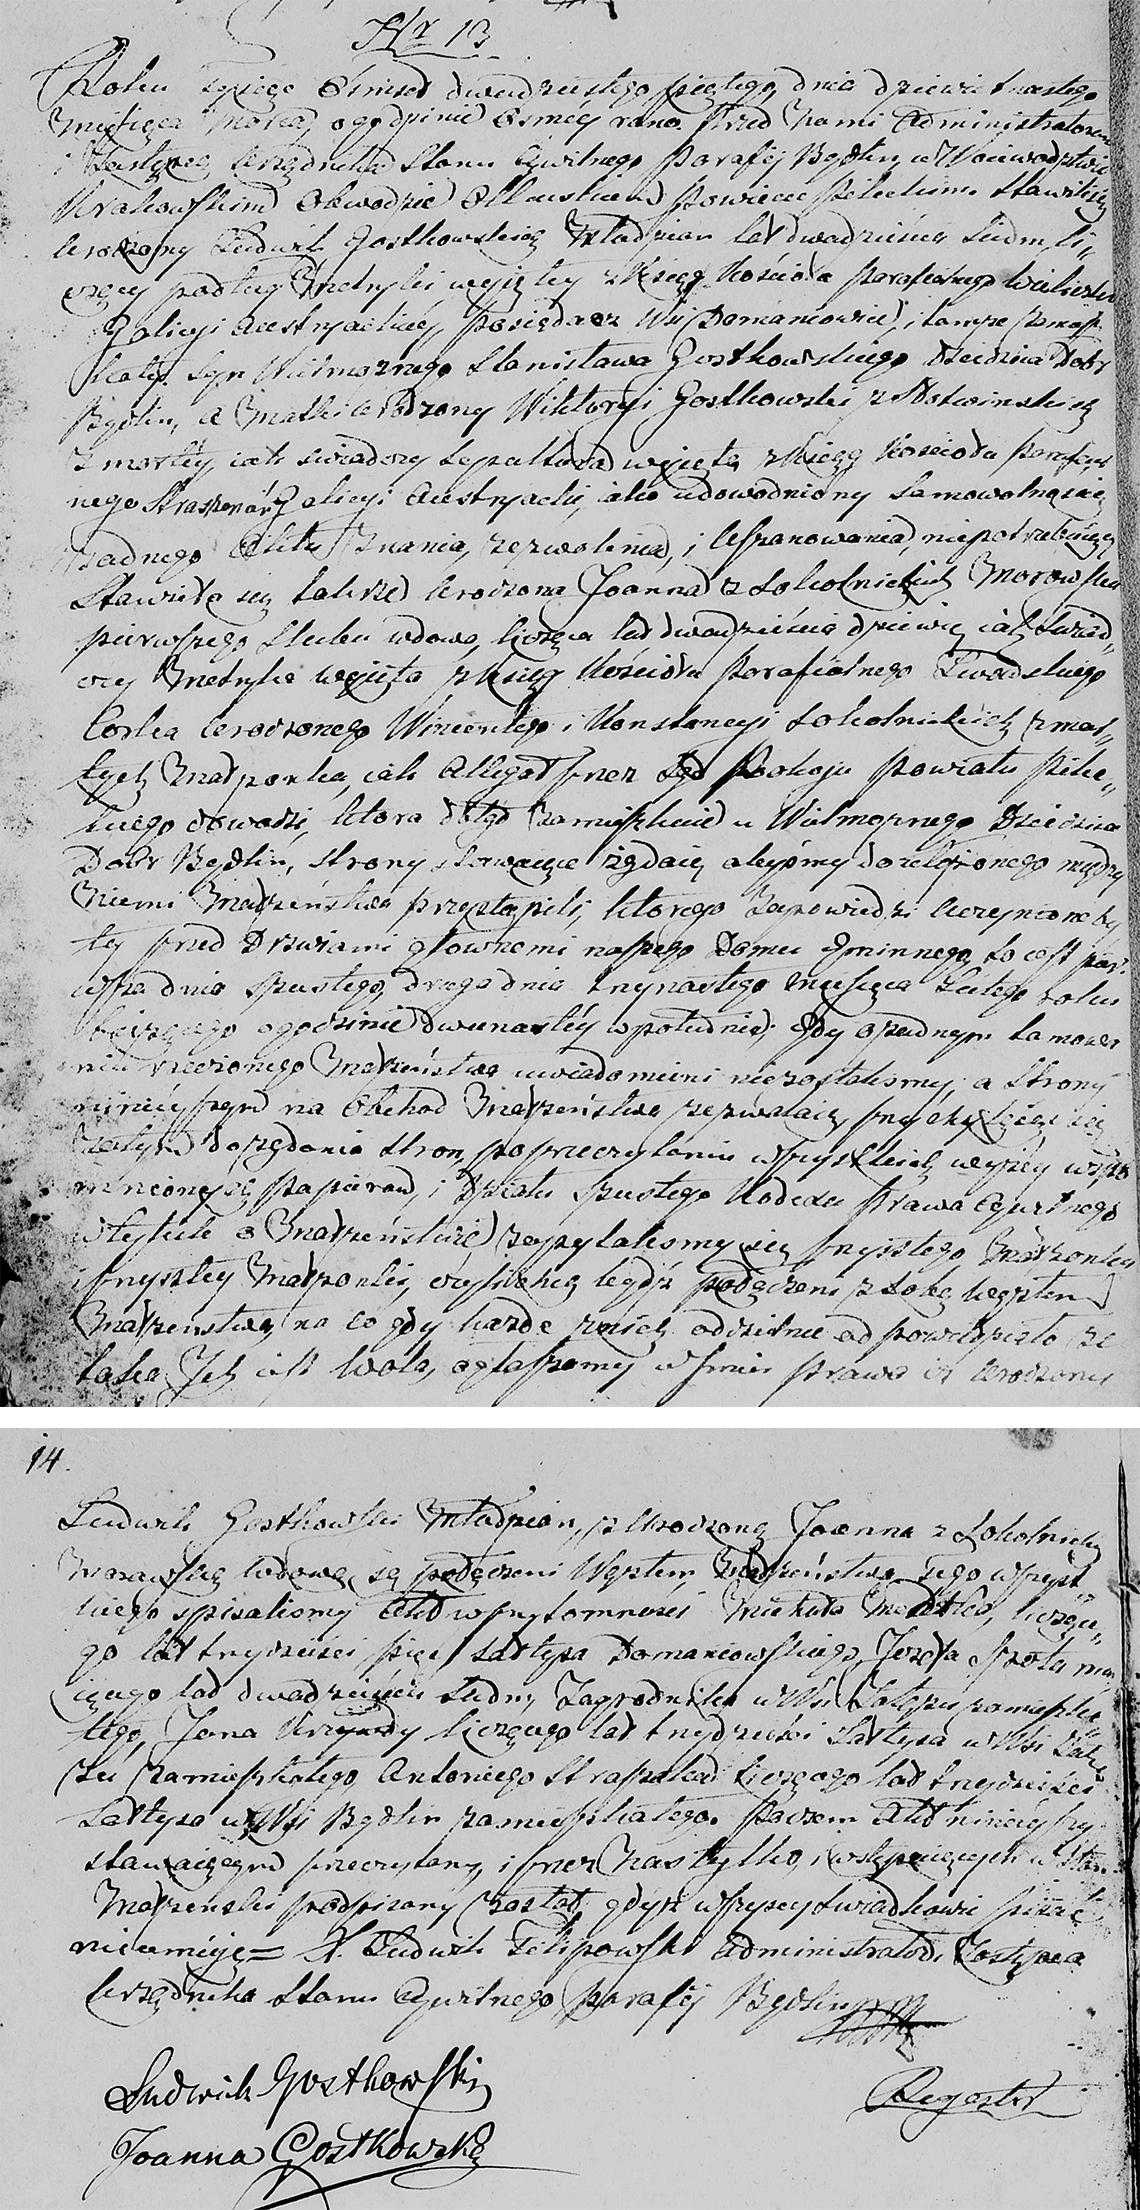 Akt stanu cywilnego małżeństwa Ludwik Gostkowski & Joanna z Sokolnickich Morawska 19.03.1825 r.